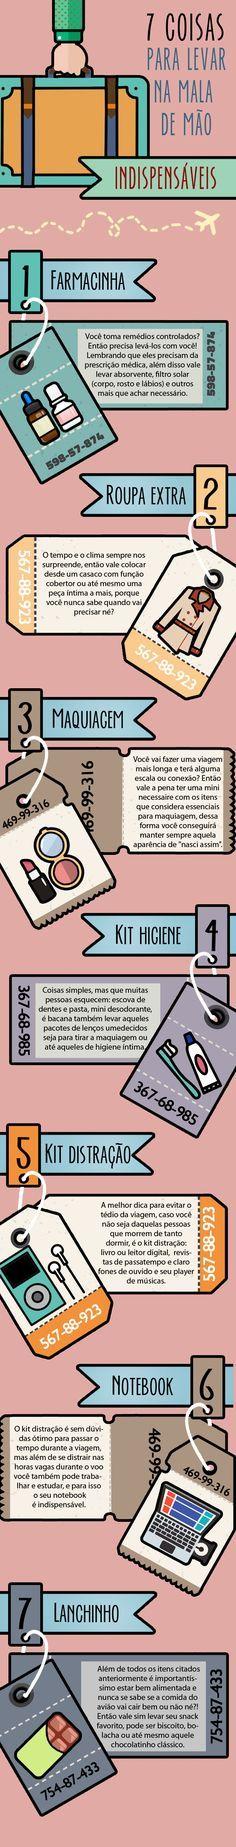 #SevenList #CabideColorido #Infográfico #Infographic #Desenho #Ilustração…